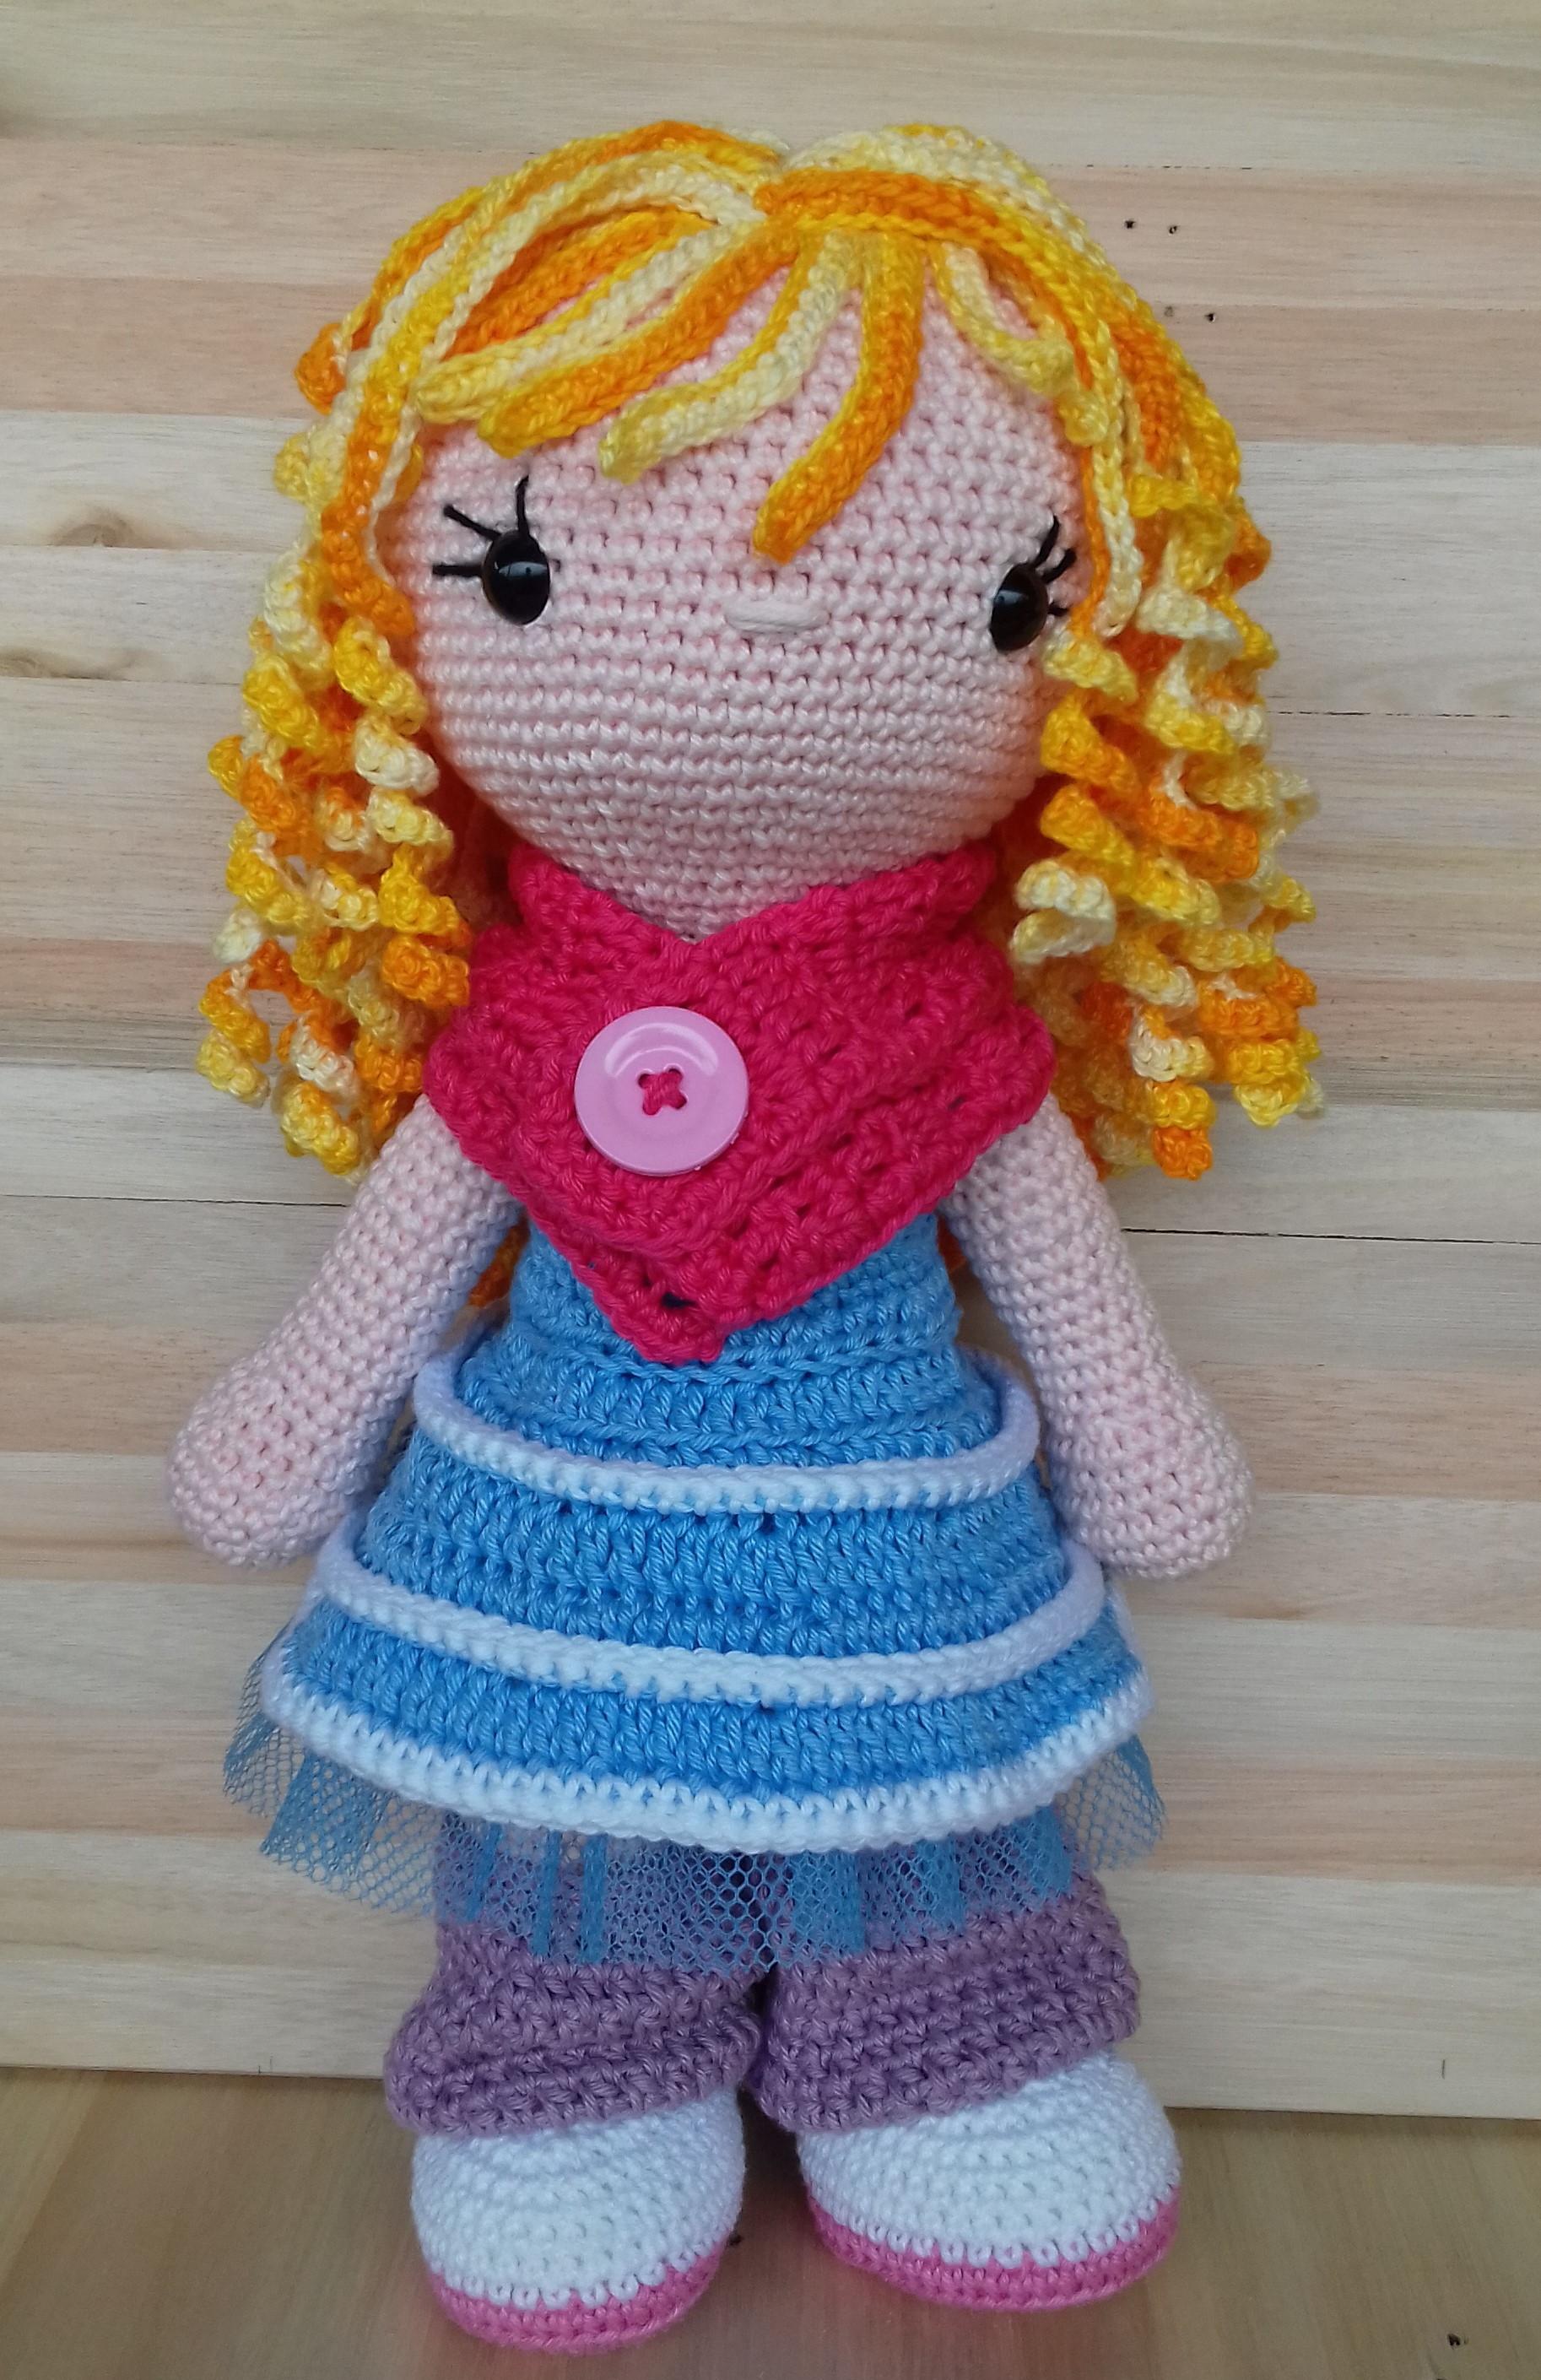 Blonde Amigurumi Doll, Crochet Doll, 16' inches crochet soft doll ... | 2820x1826